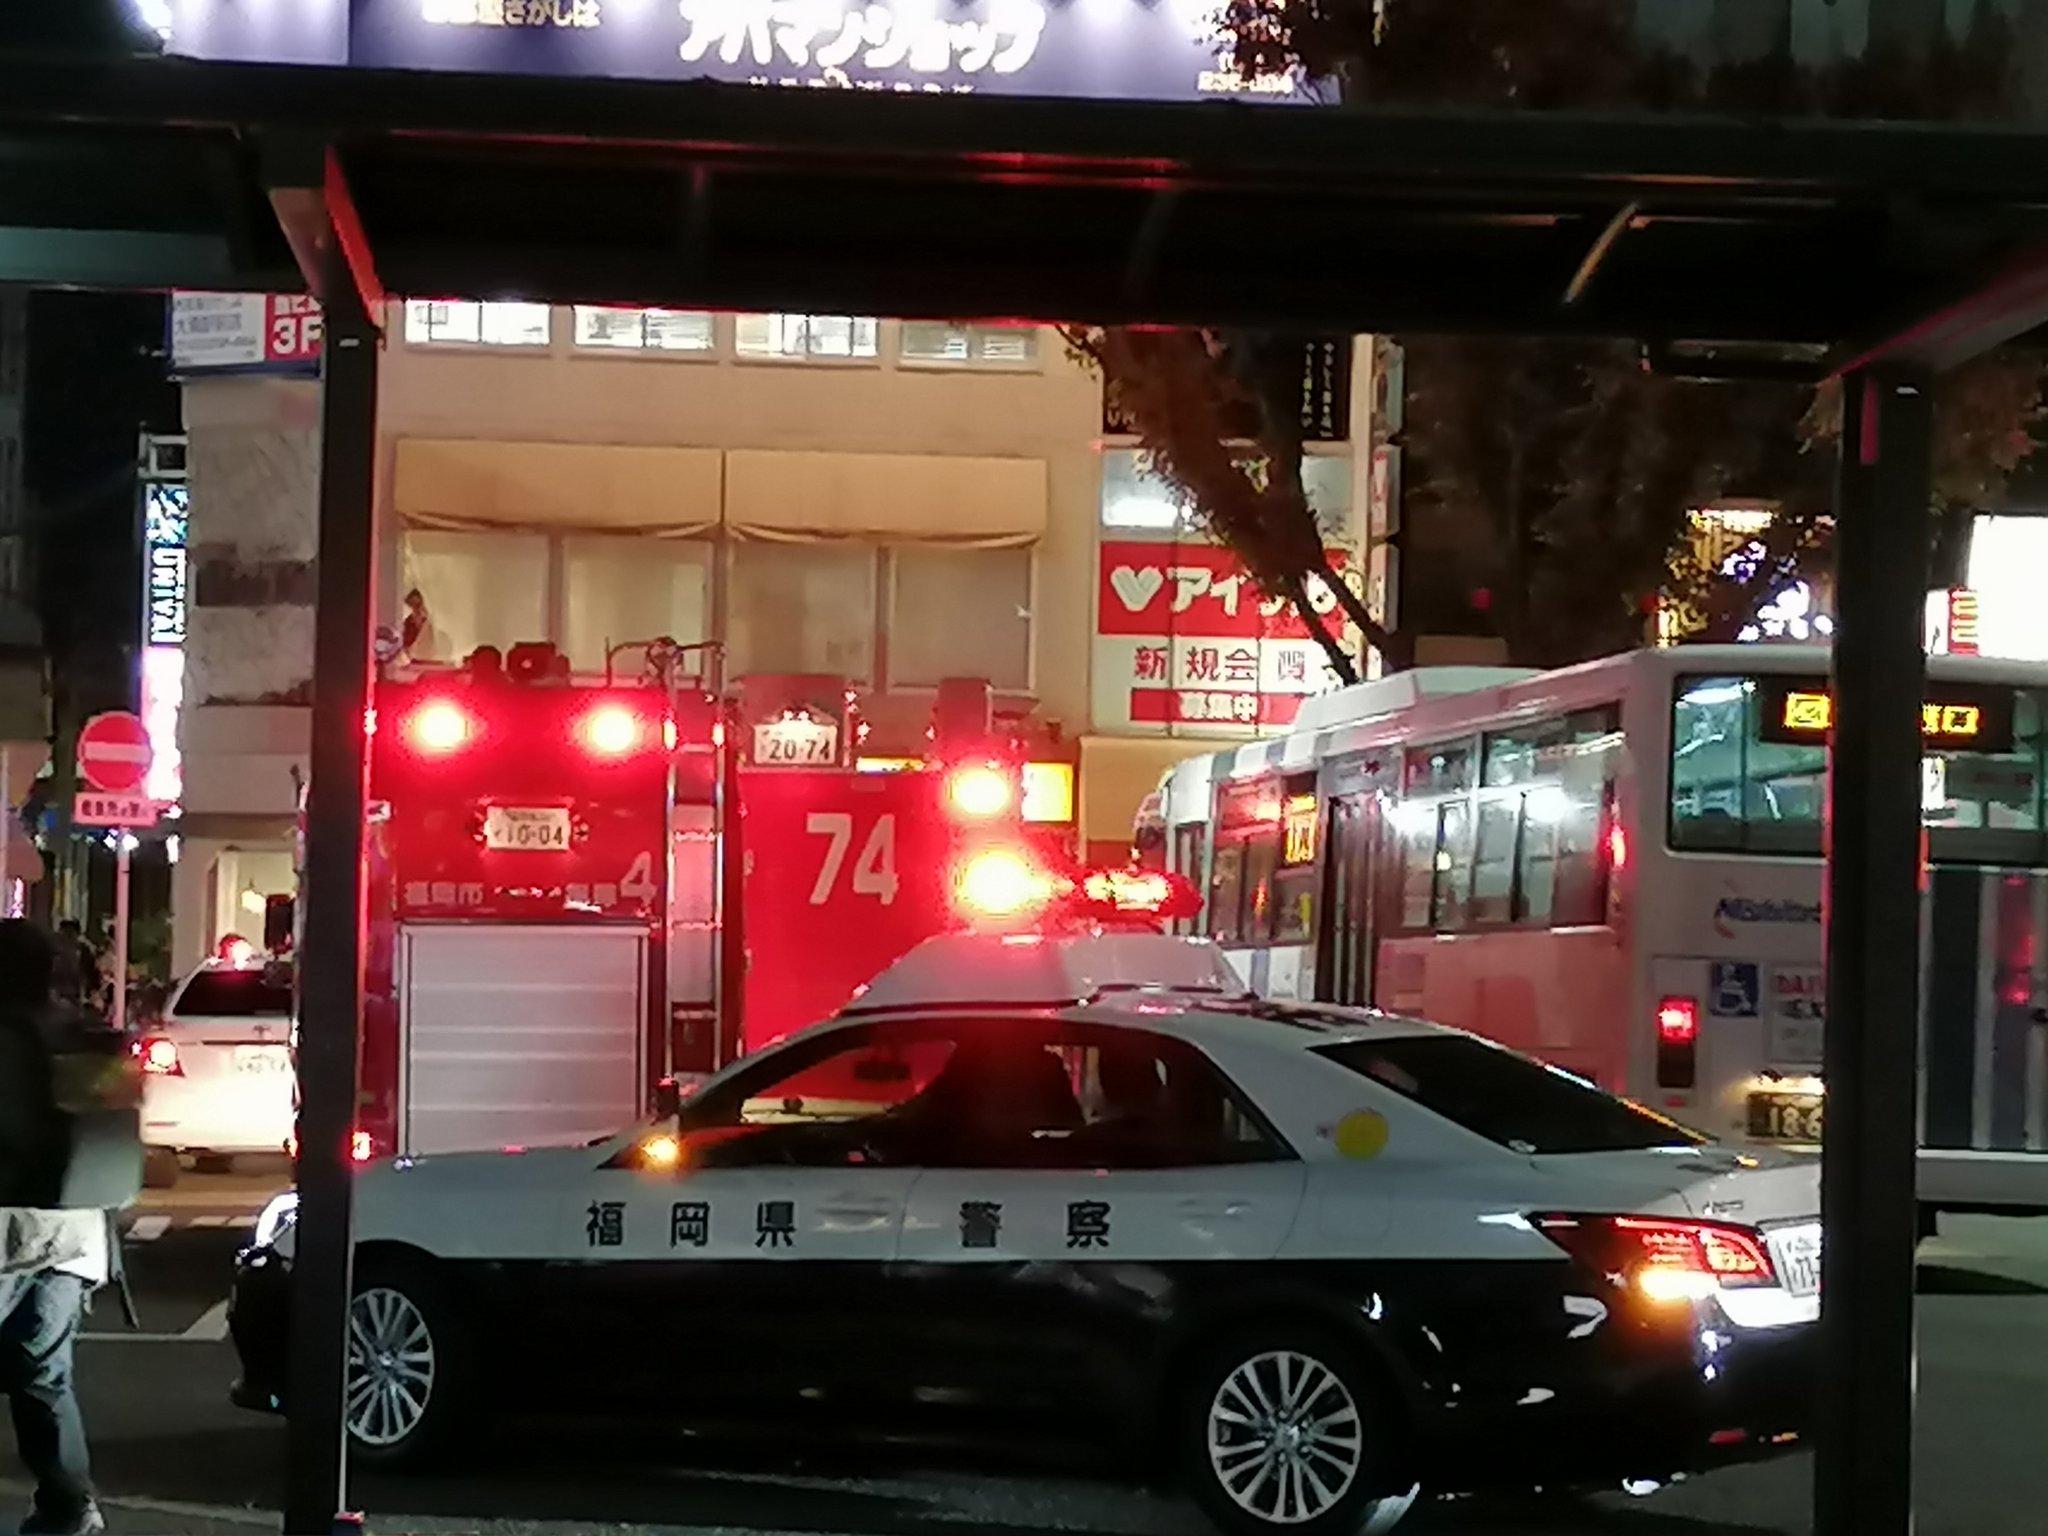 西鉄天神大牟田線の大橋駅で人身事故が起きた現場の画像